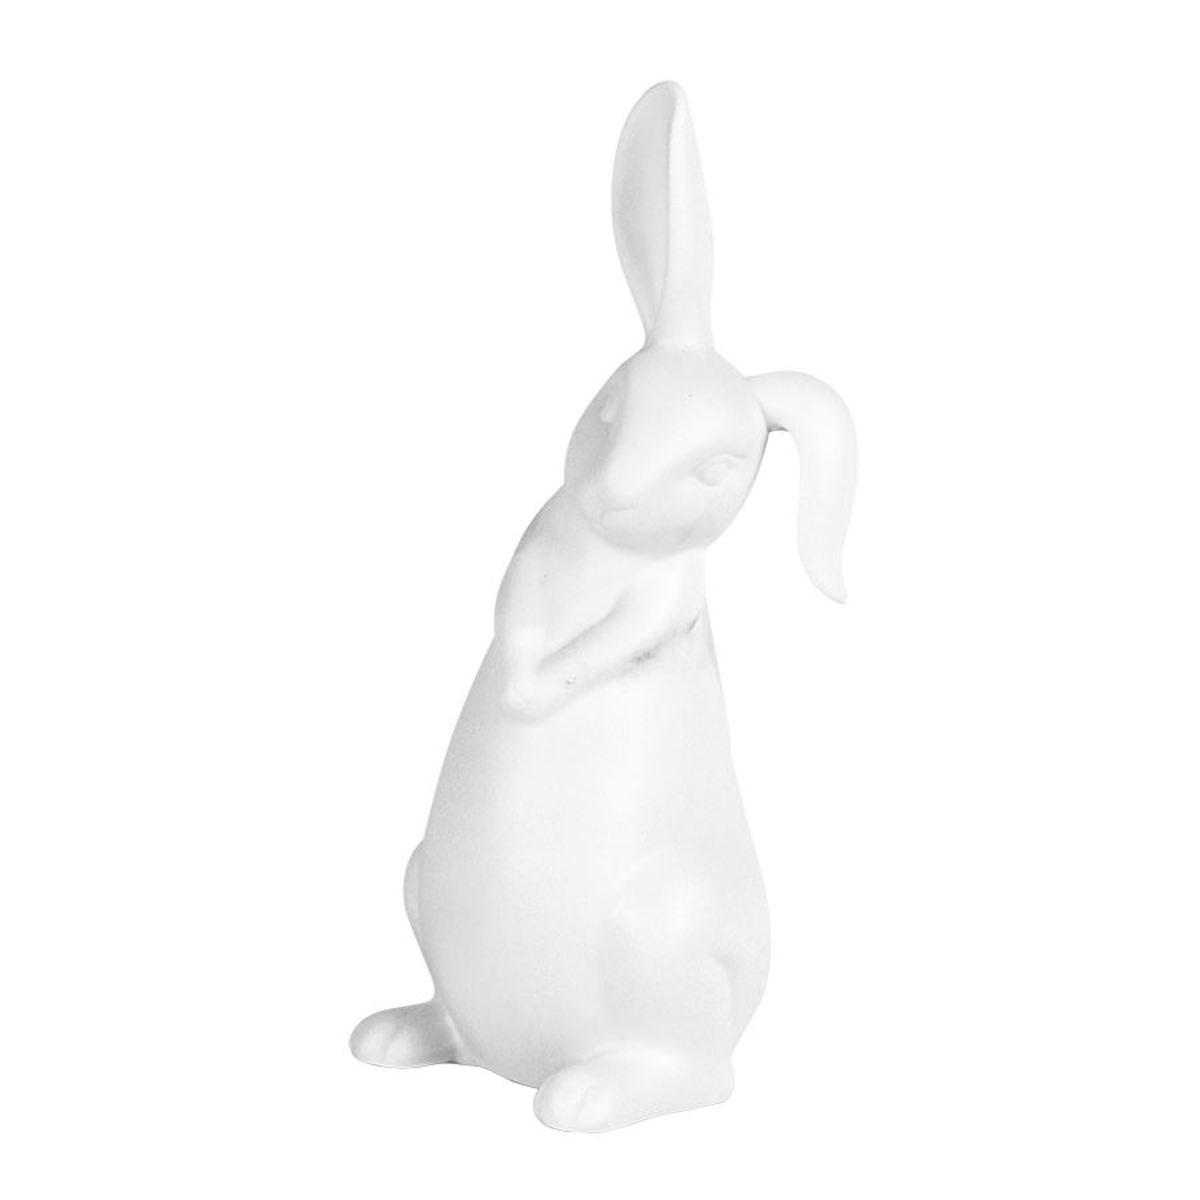 Bild 2 von Porzellan-Hase mit Schlappohr 27,5cm